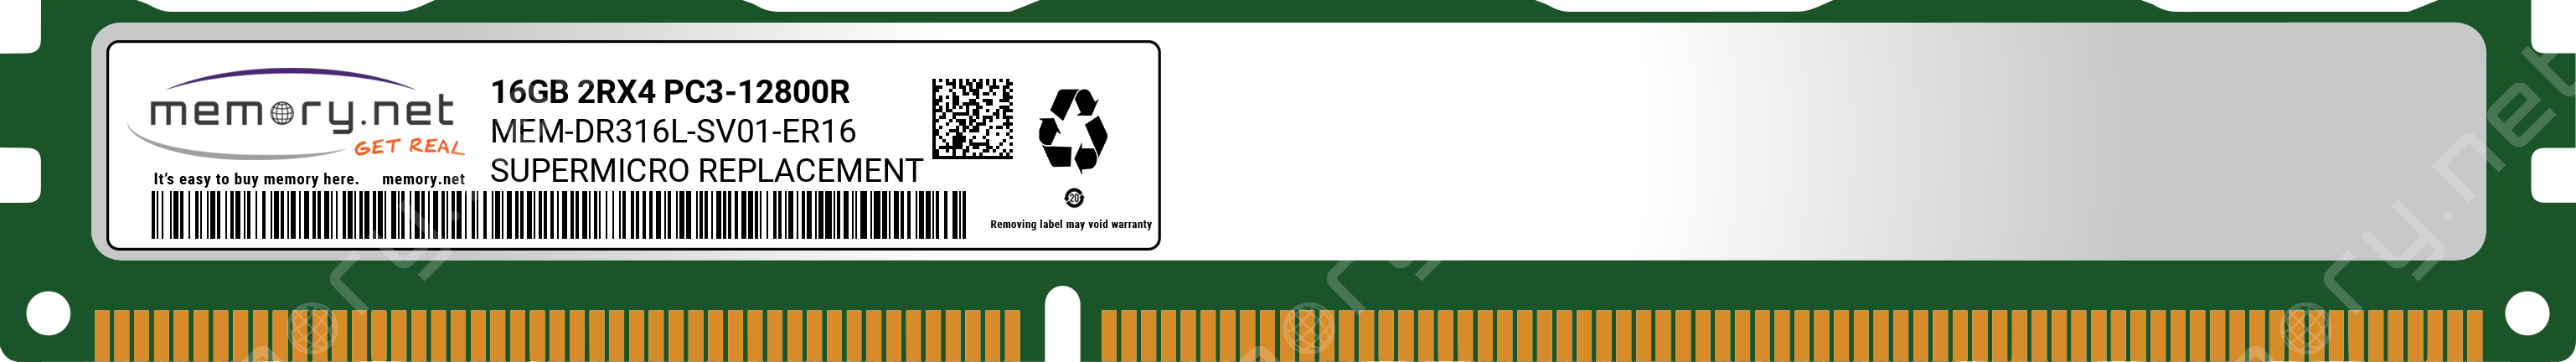 MEM-DR316L-SV01-ER16